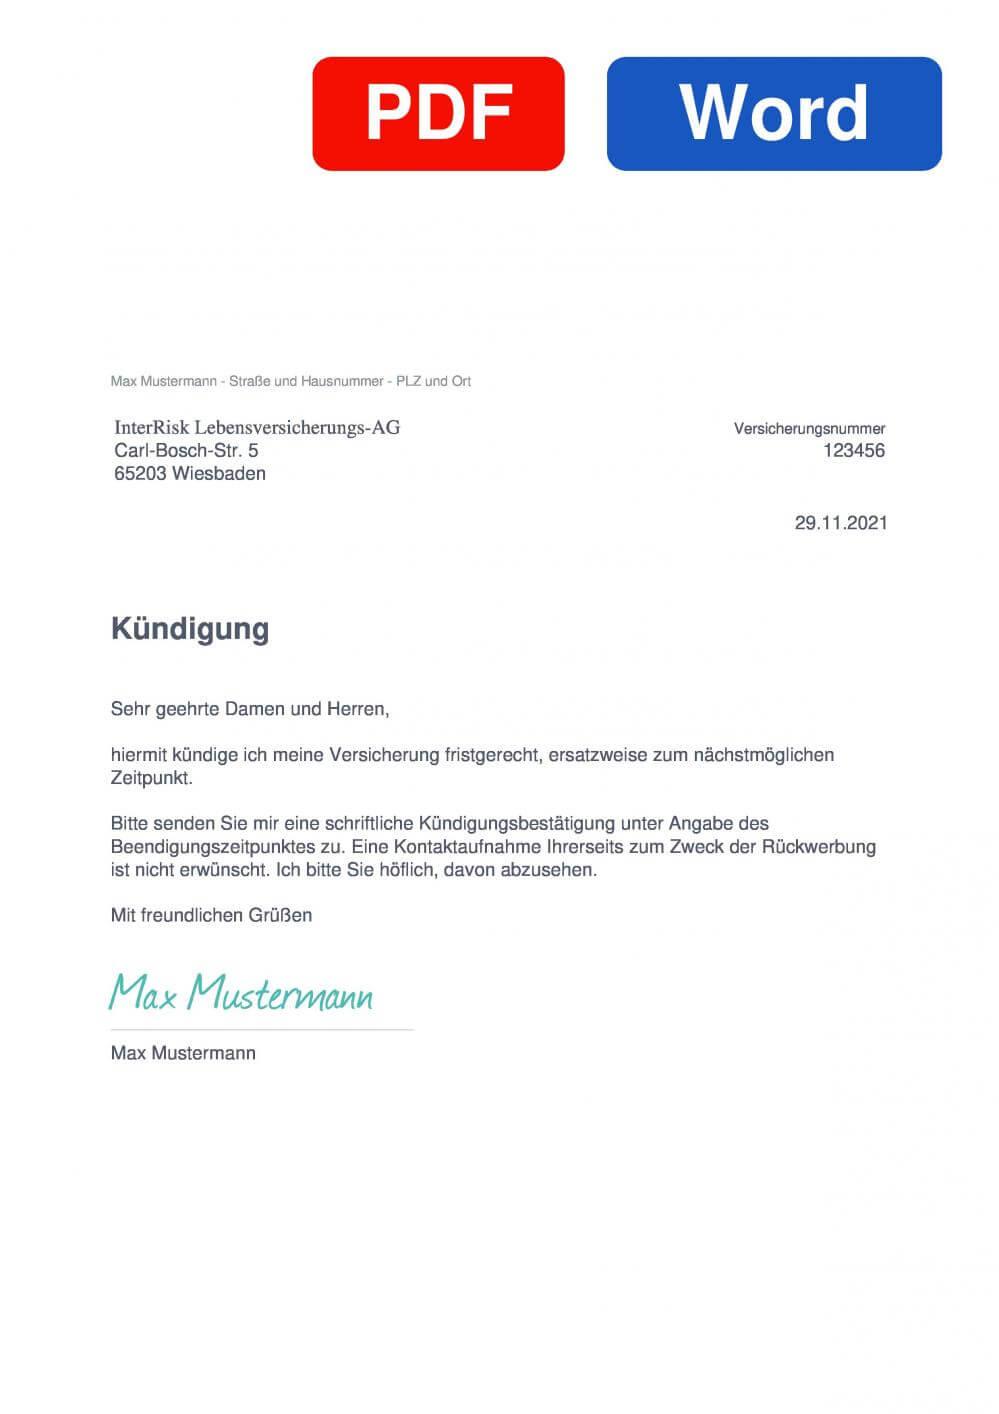 InterRisk Lebensversicherung Muster Vorlage für Kündigungsschreiben